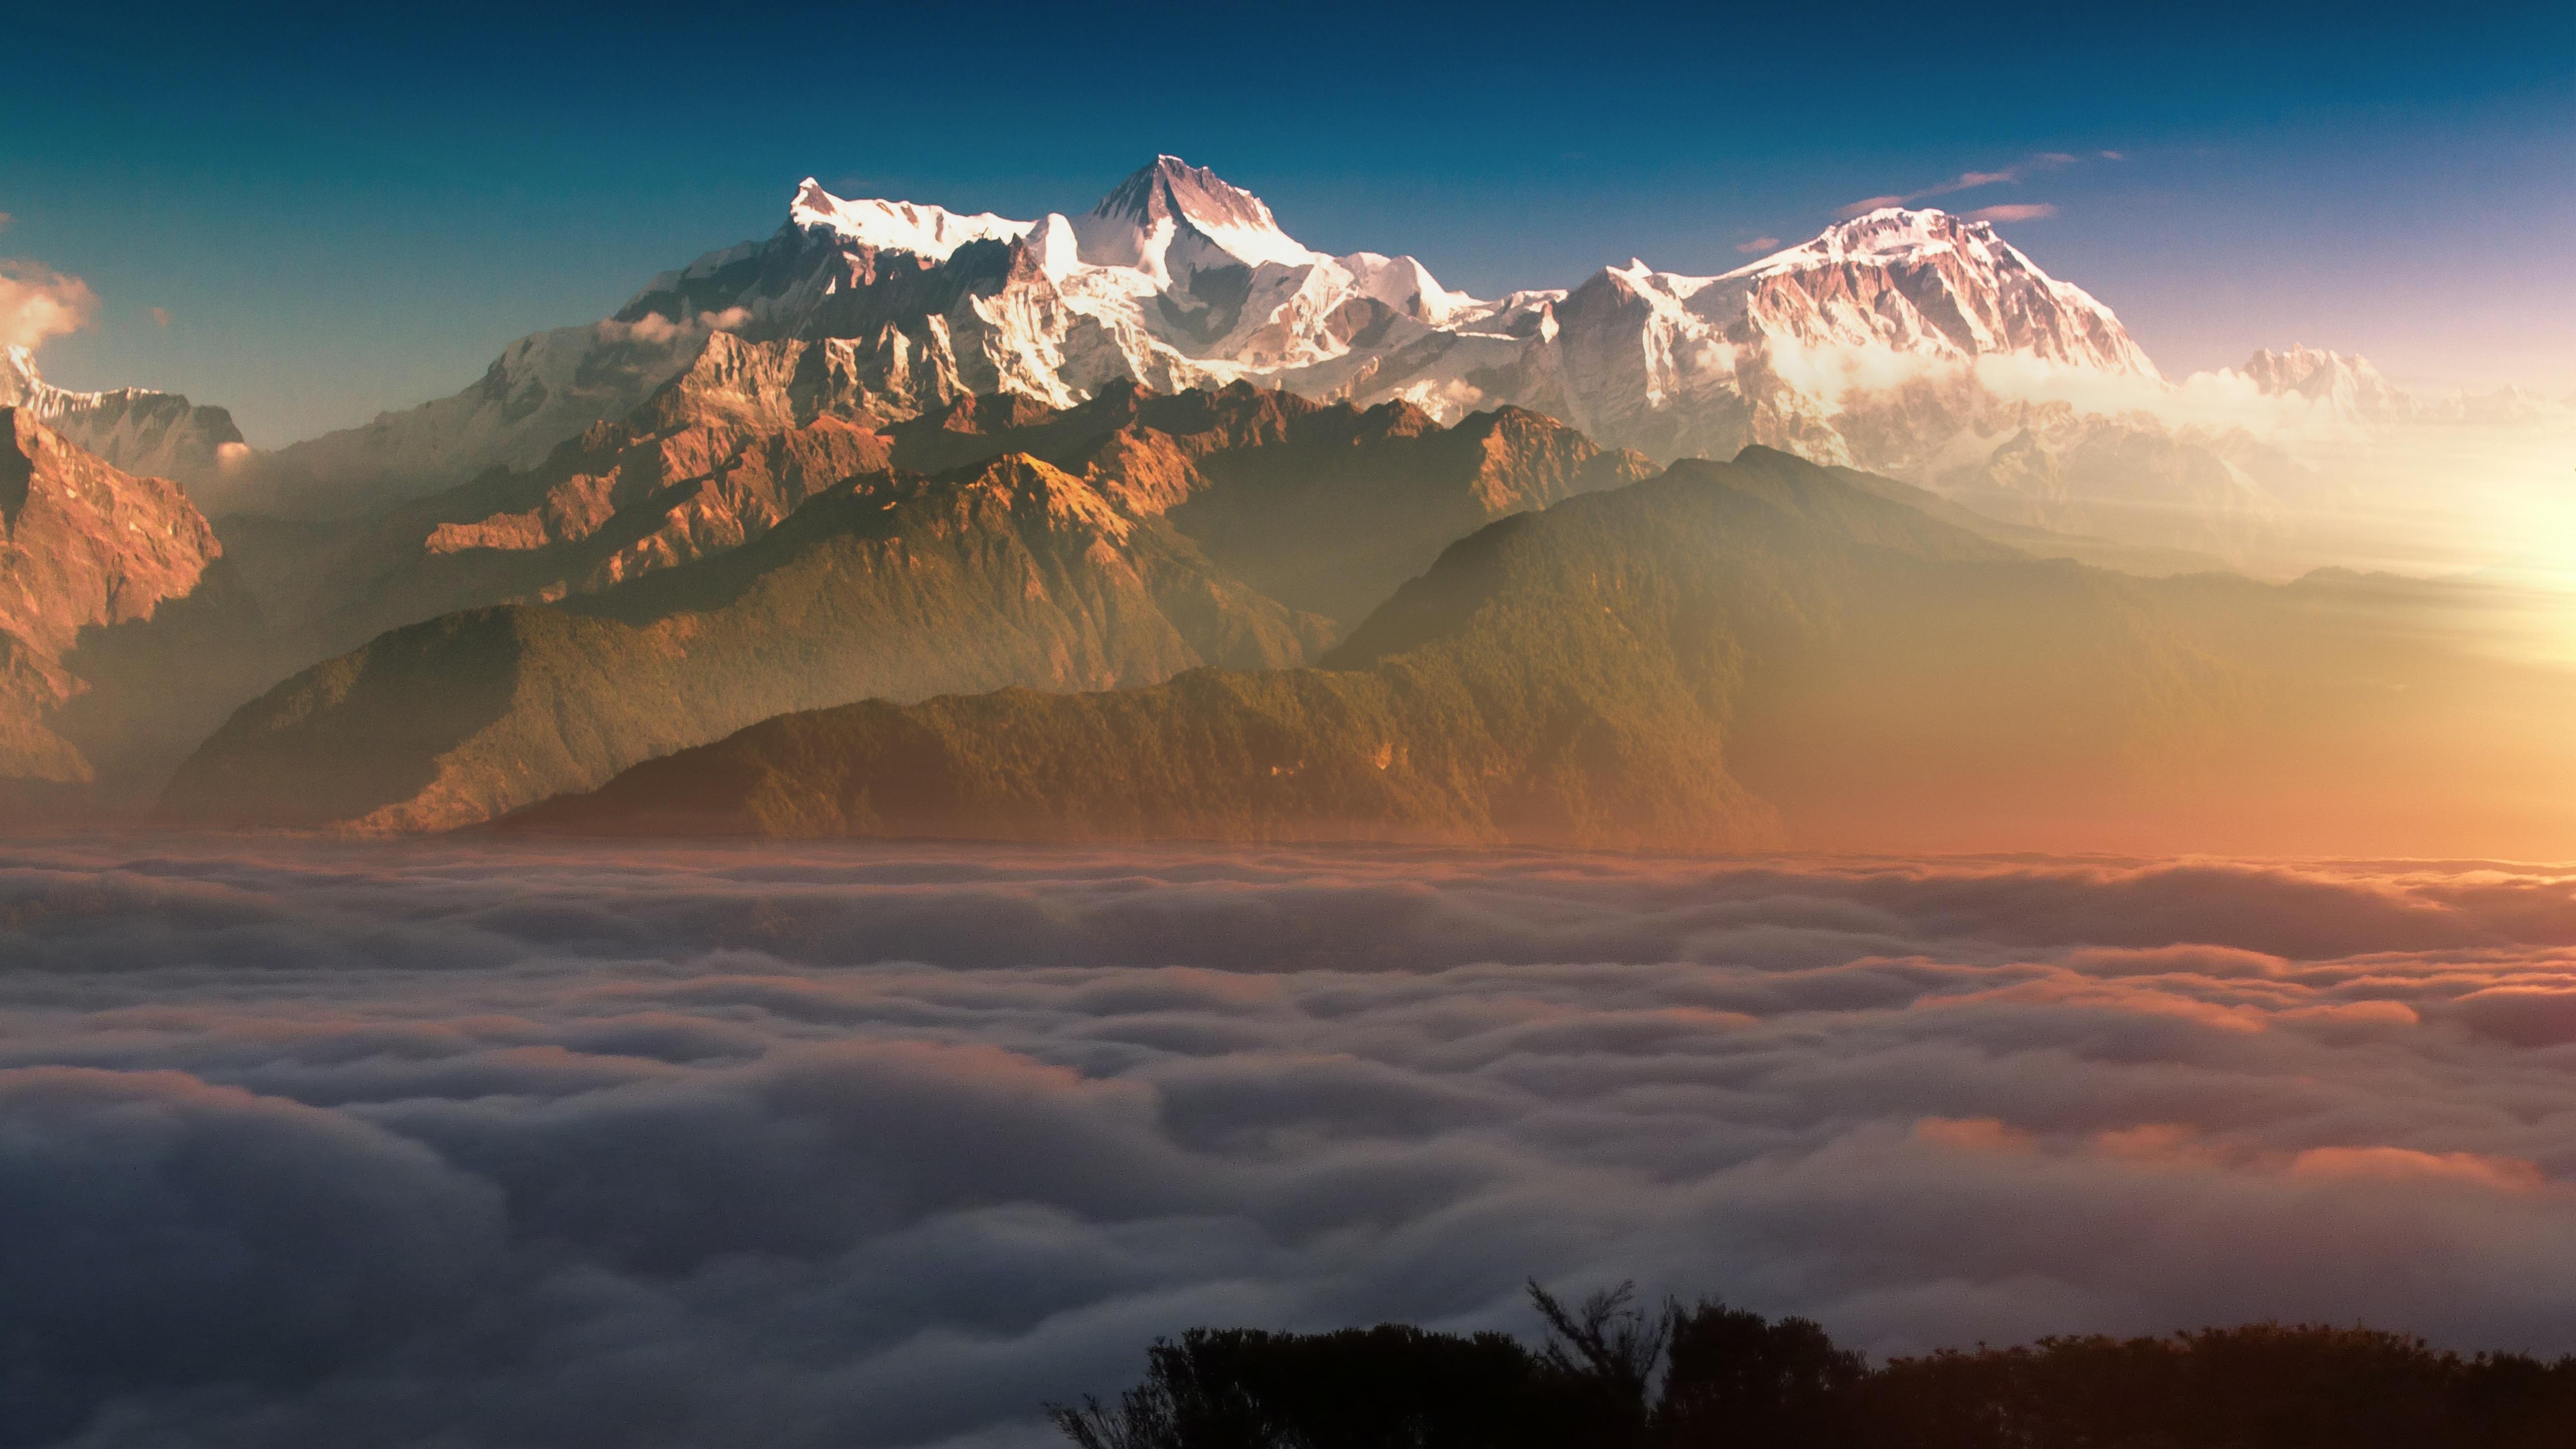 5120x2880 Mountain Landscape Clouds 8k 5k HD 4k Wallpapers ...